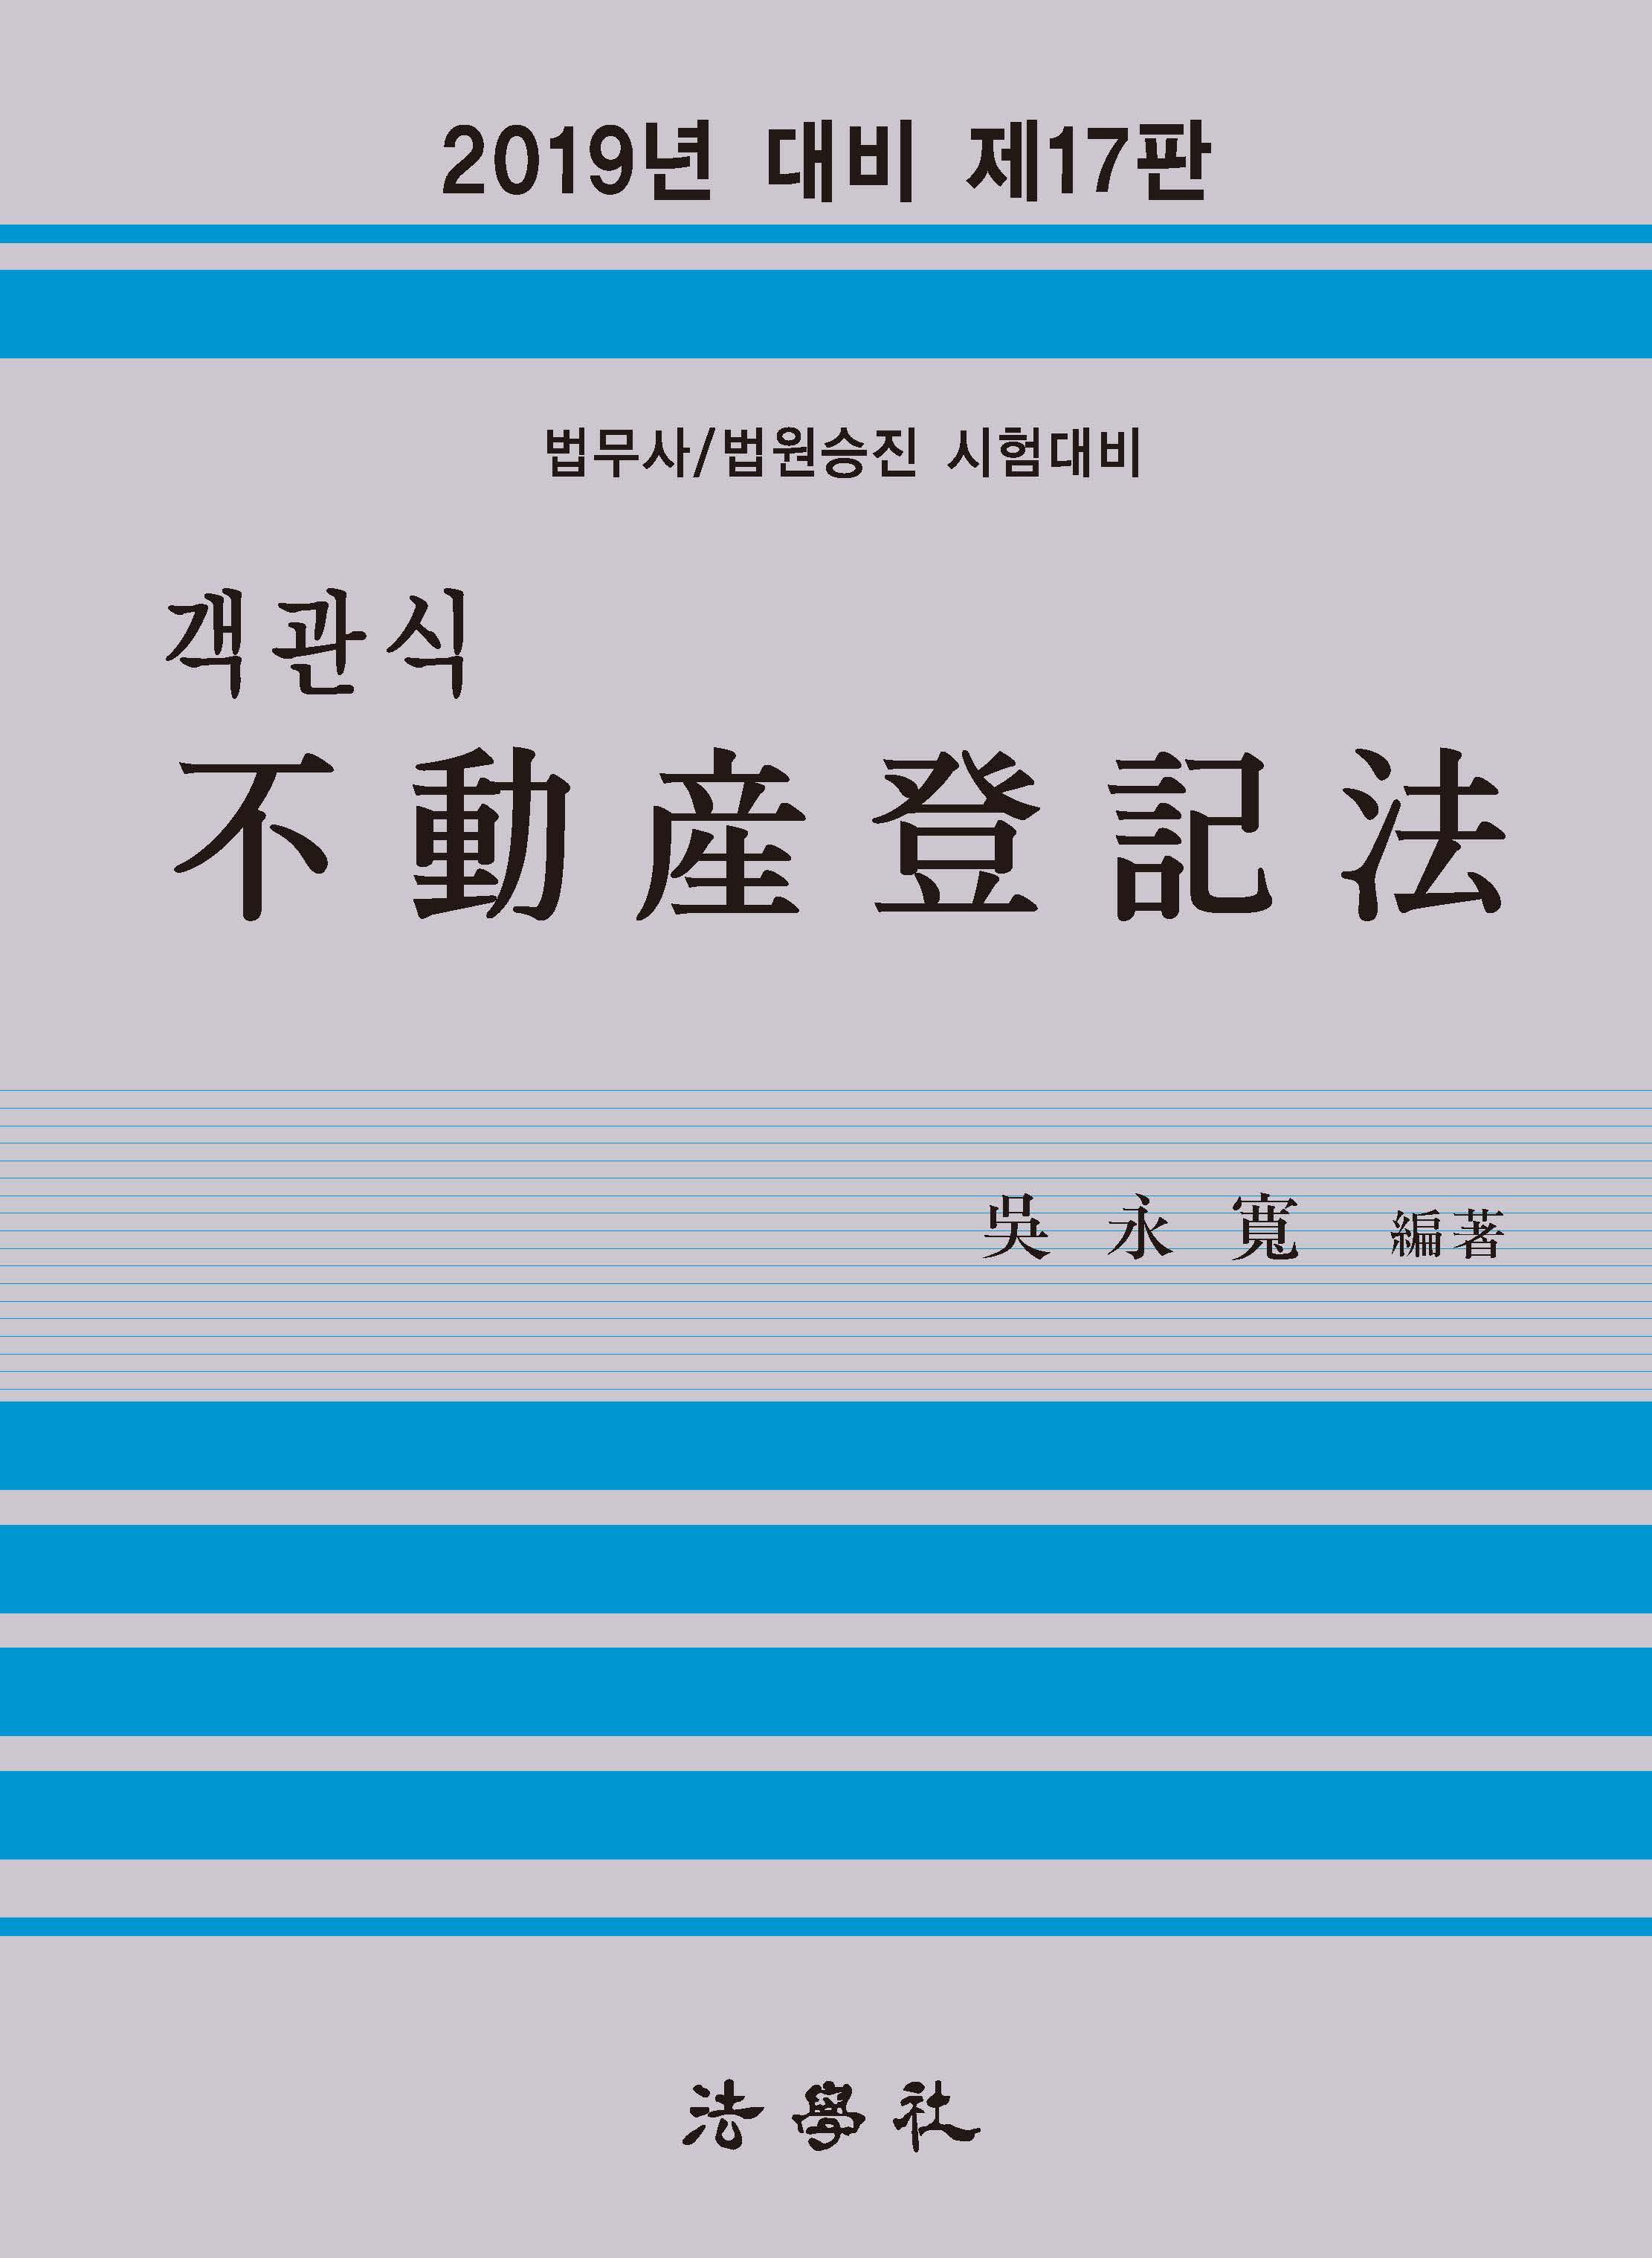 [법무사] 2019 객관식 부동산등기법 제17판 (오영관저)